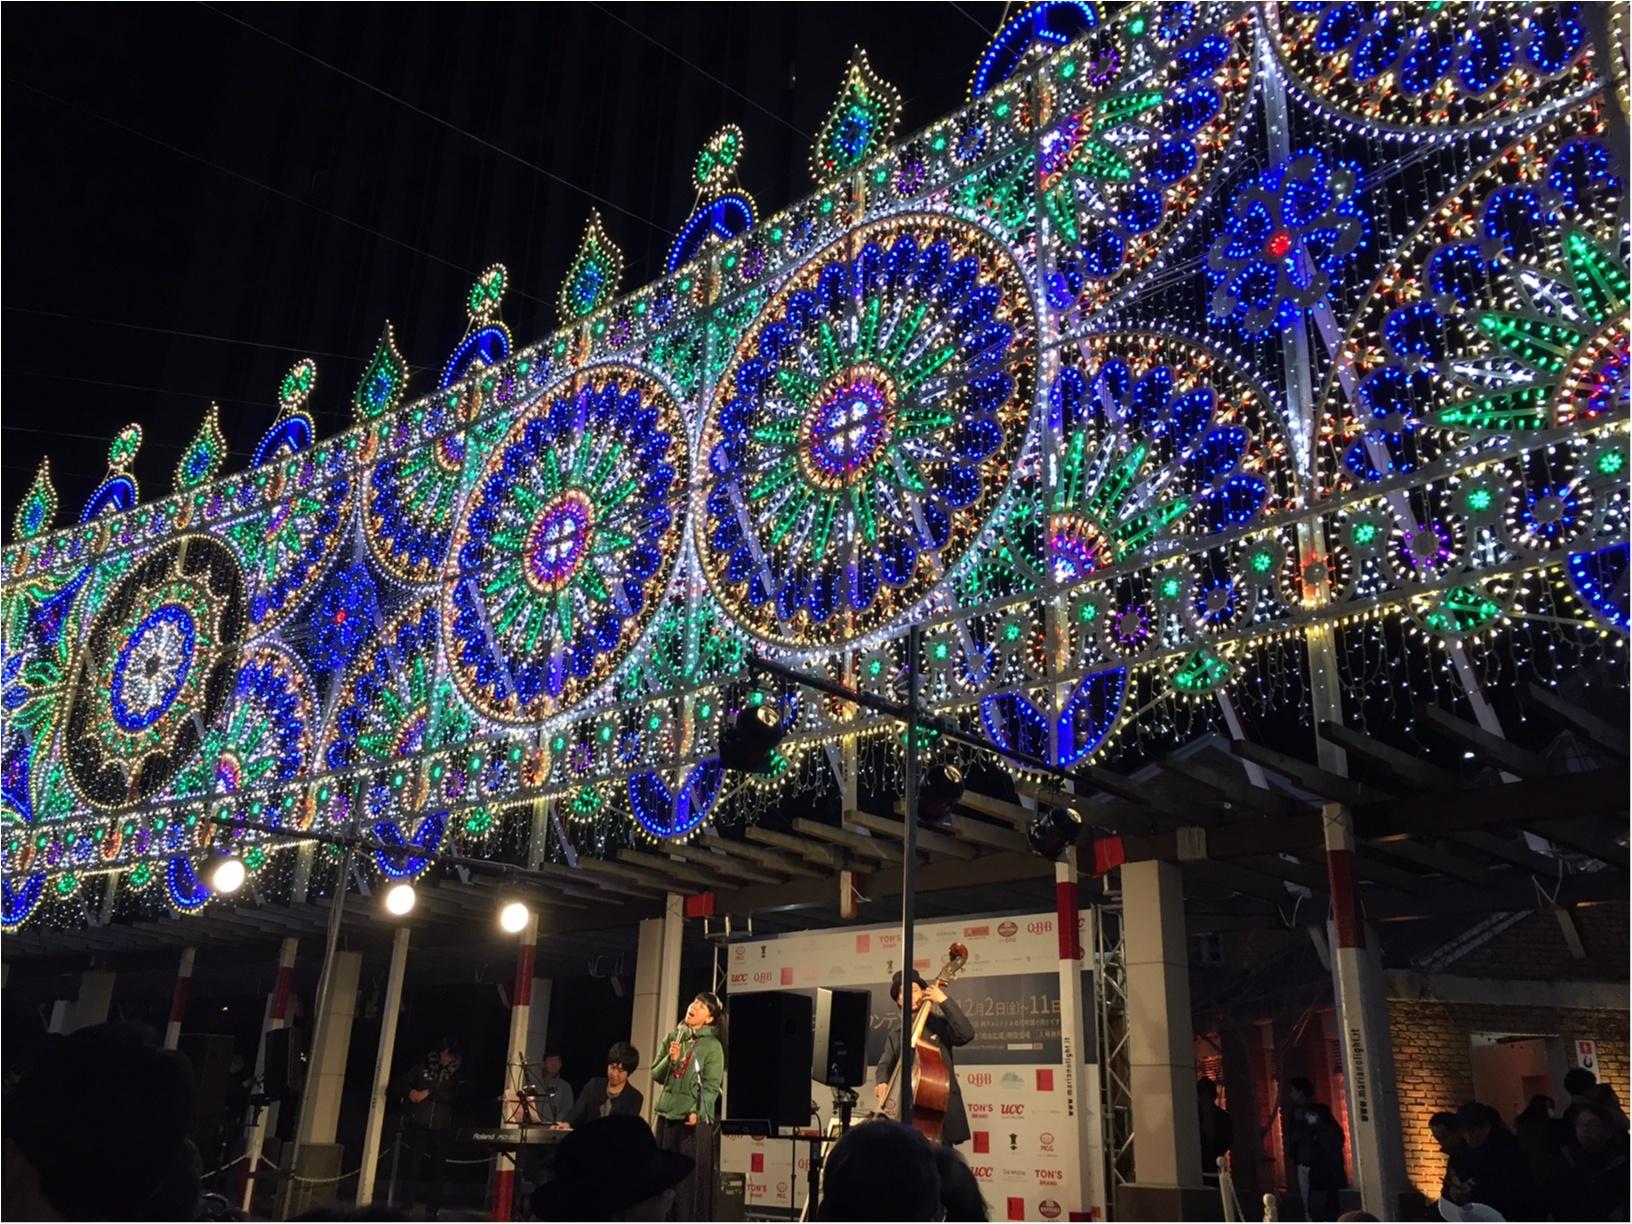 【関西おでかけ】2016旧居留地のクリスマス&神戸ルミナリエ_9